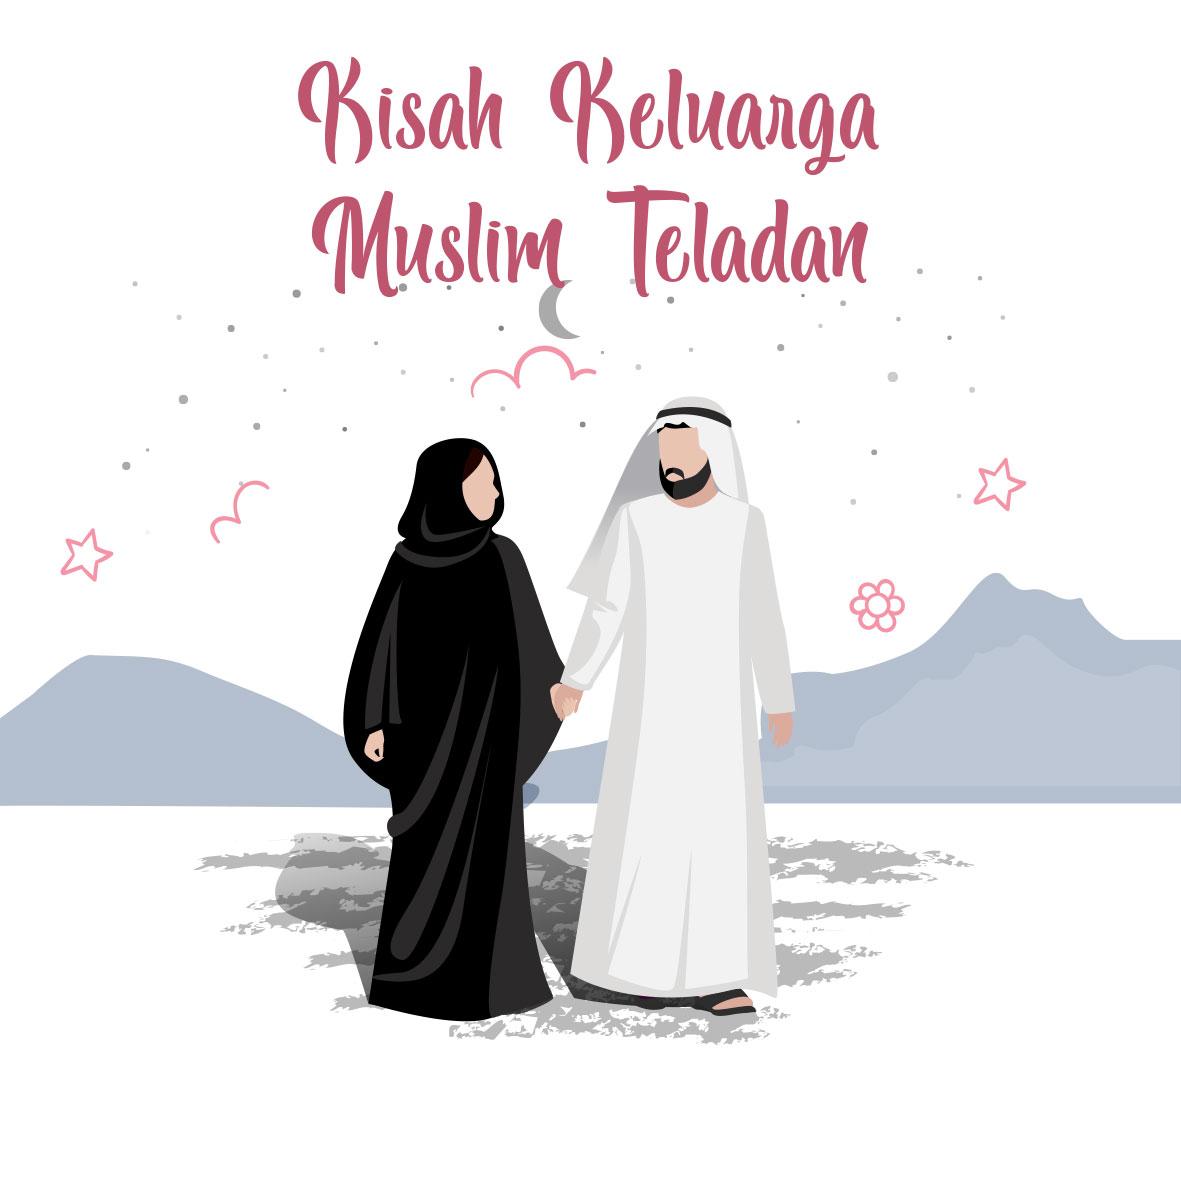 Kisah-Keluarga-Muslim-Teladan